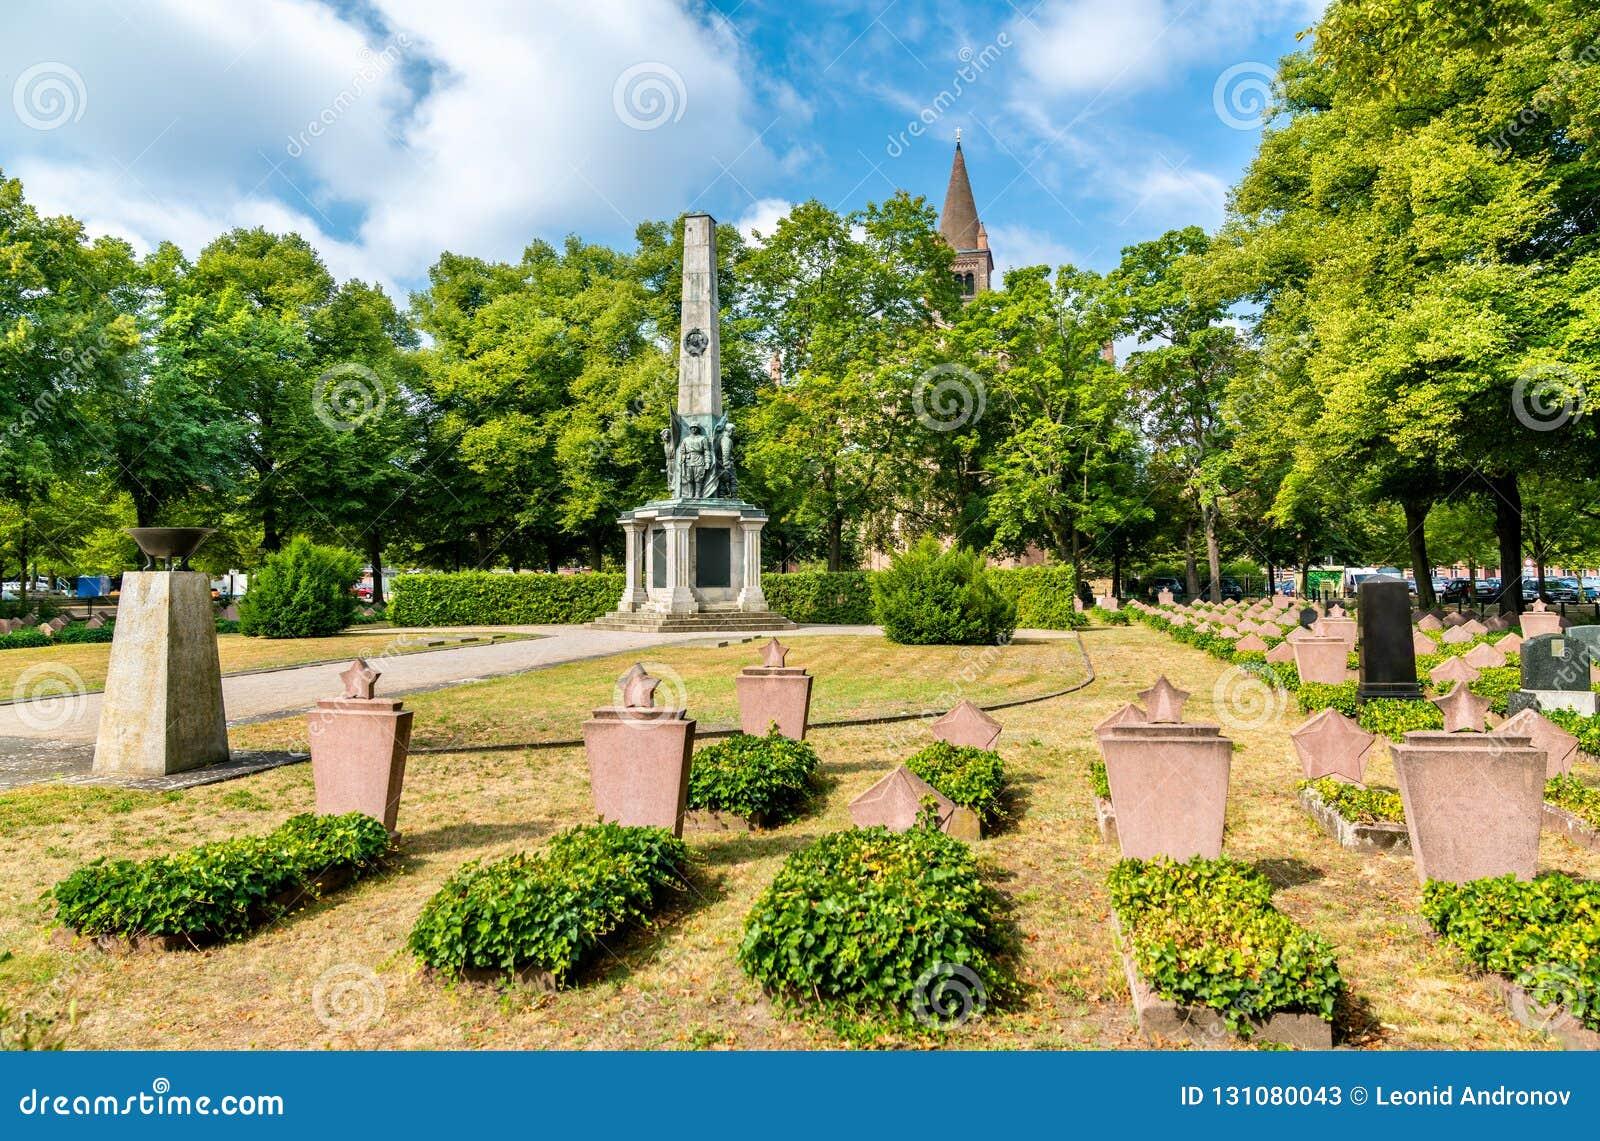 Cimetière commémoratif militaire soviétique à Potsdam, Allemagne